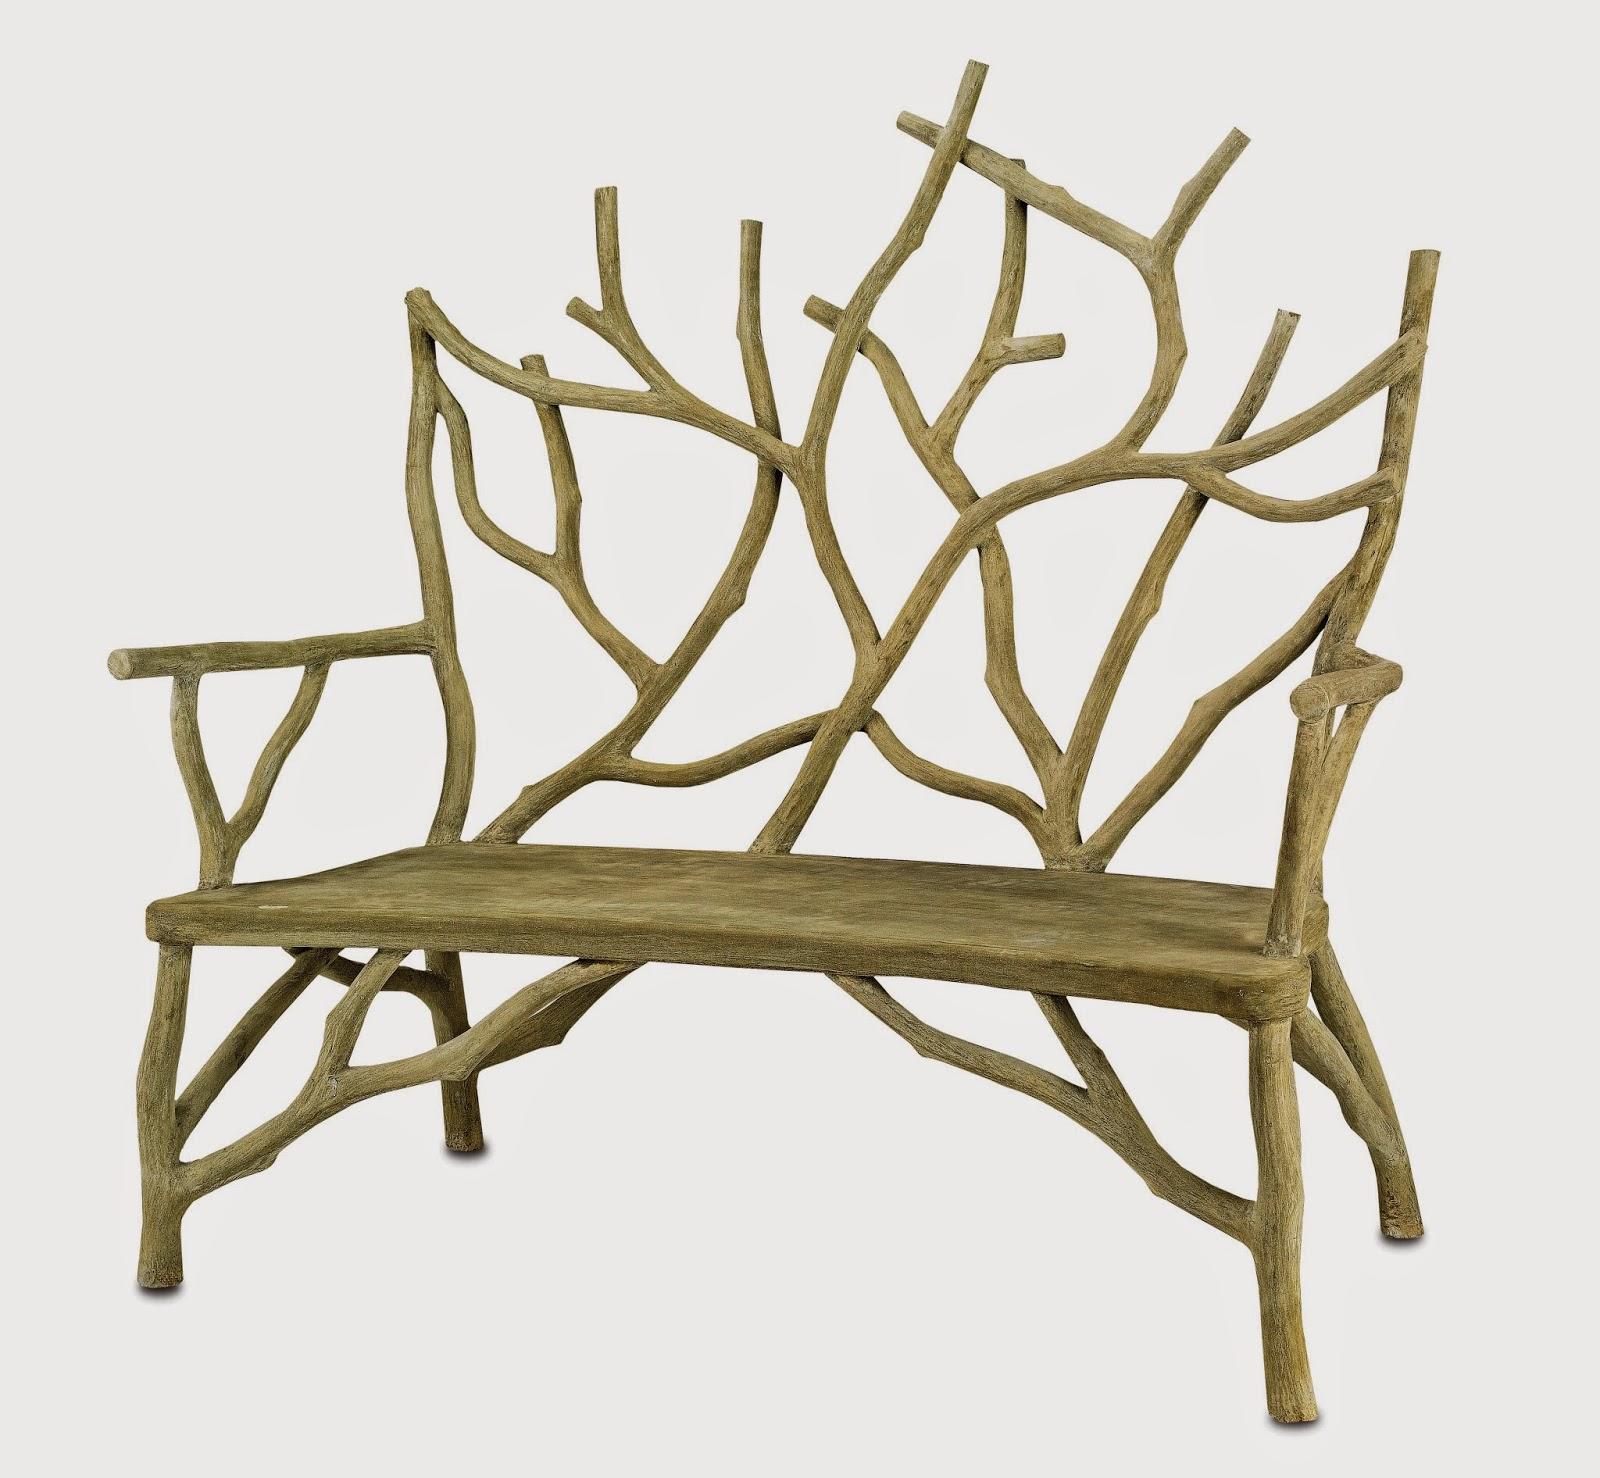 Darya girina interior design march 2015 - Currey Company Elwynn Bench